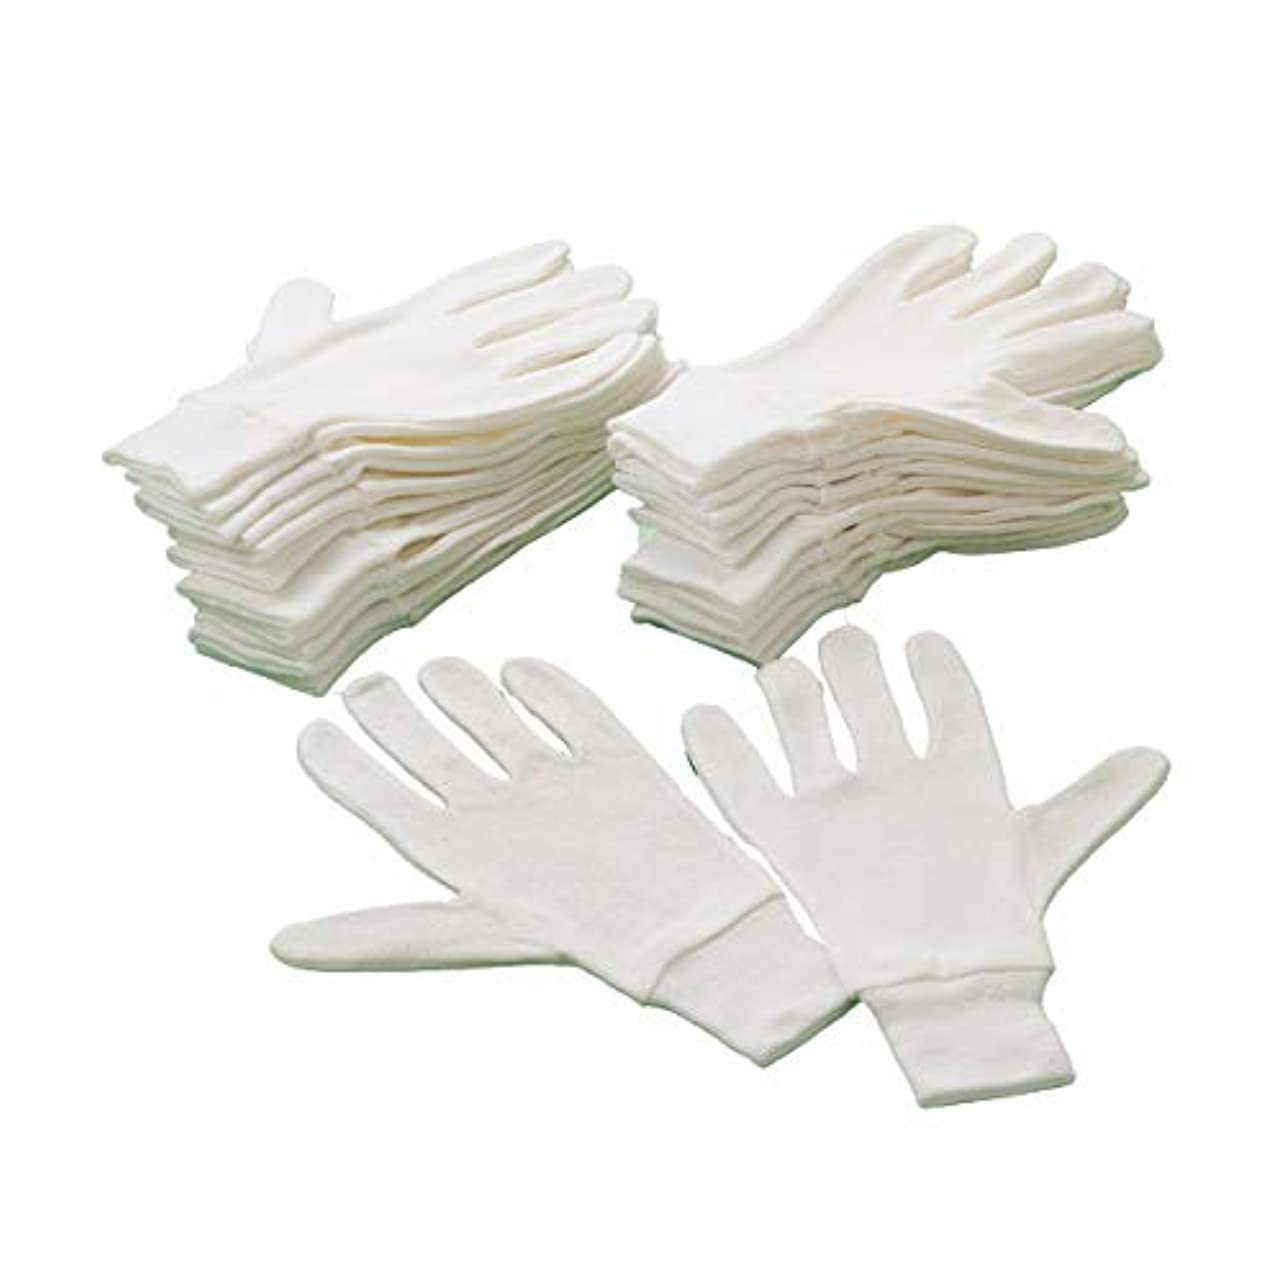 ナイロン知り合いになるタール手袋 コットン手袋 12枚入り